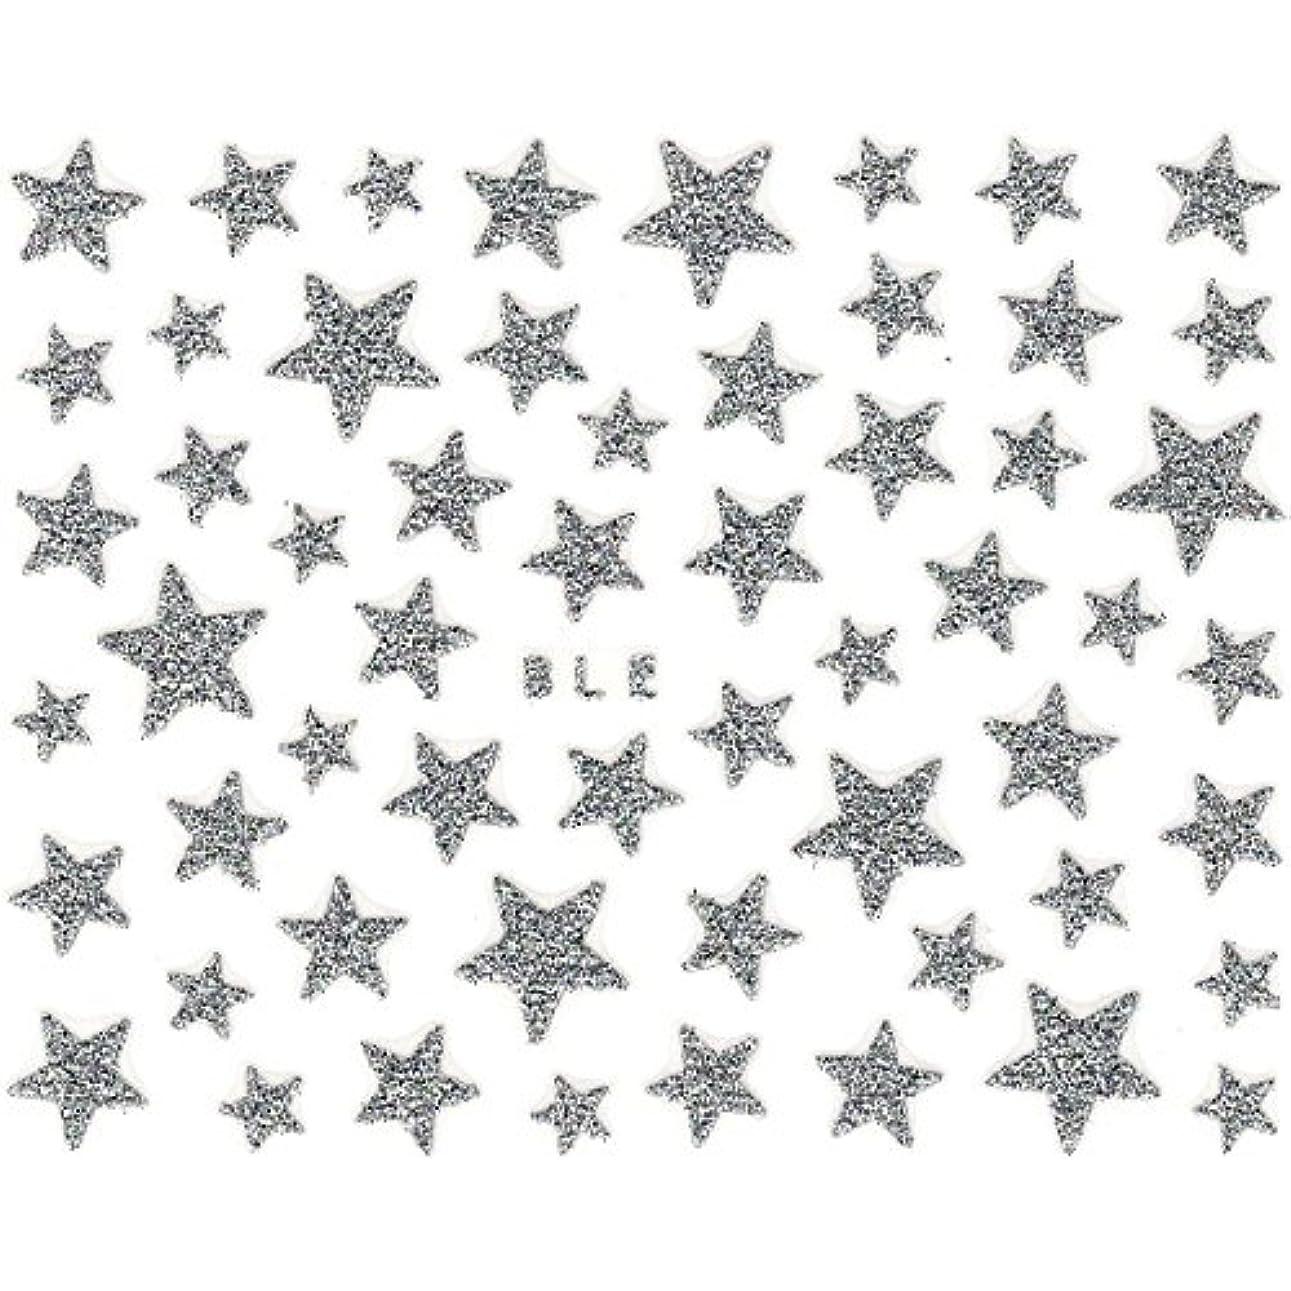 聴覚障害者弱い行き当たりばったりネイルシール ラメ スター 星 選べる10種類 (H-01/シルバー)